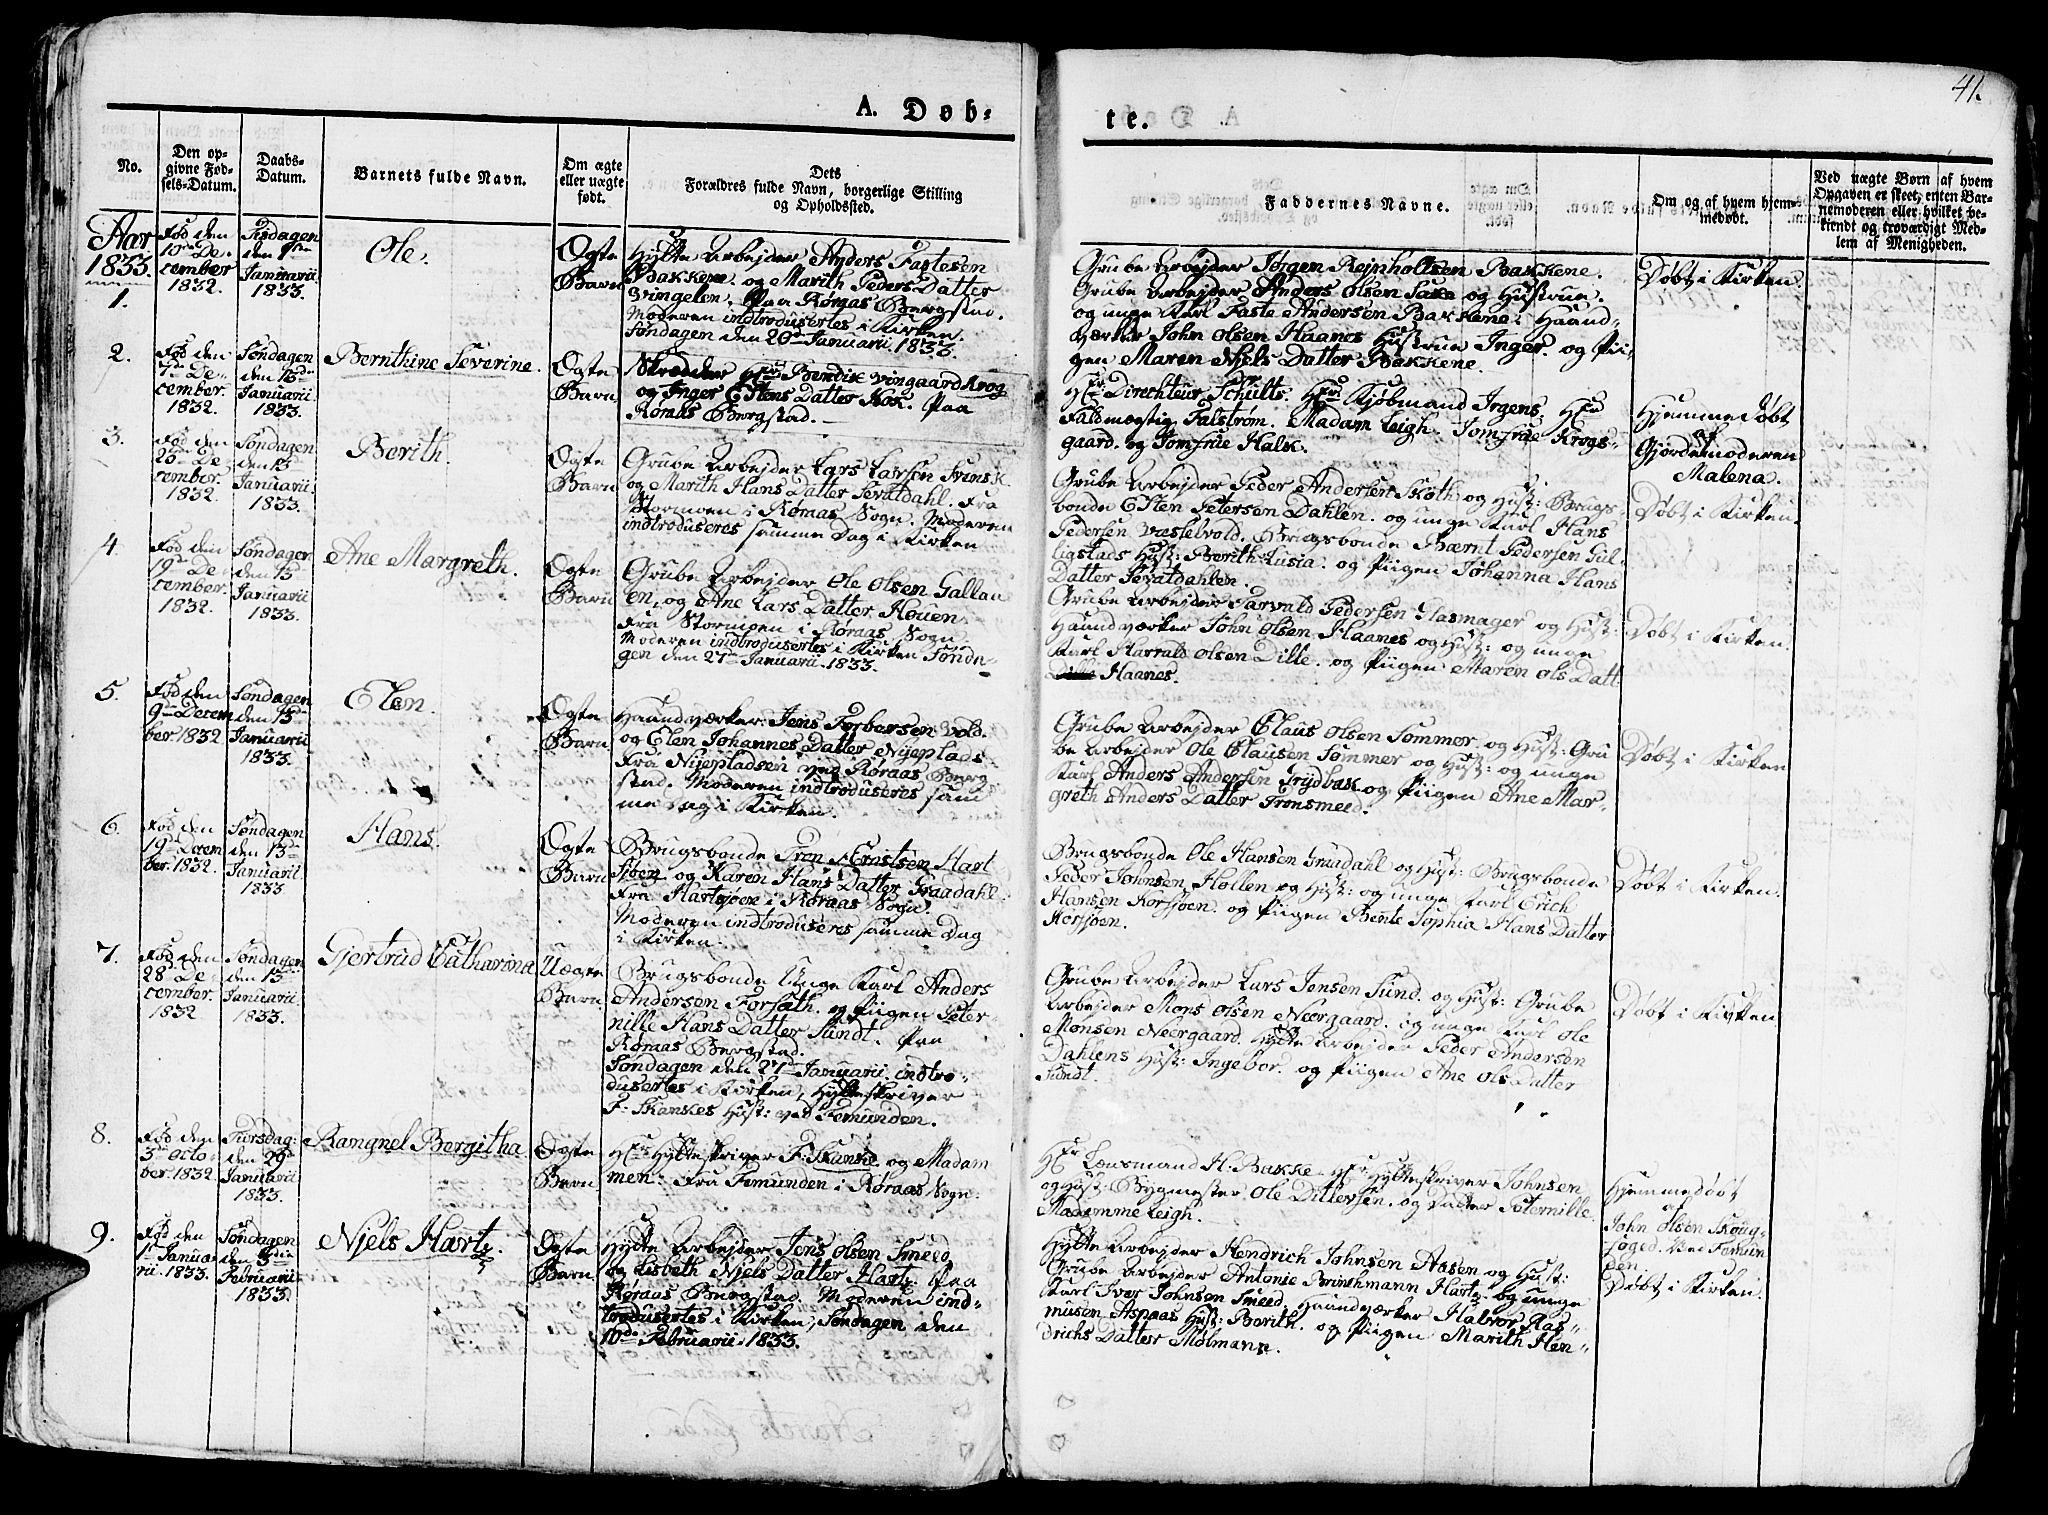 SAT, Ministerialprotokoller, klokkerbøker og fødselsregistre - Sør-Trøndelag, 681/L0938: Klokkerbok nr. 681C02, 1829-1879, s. 41